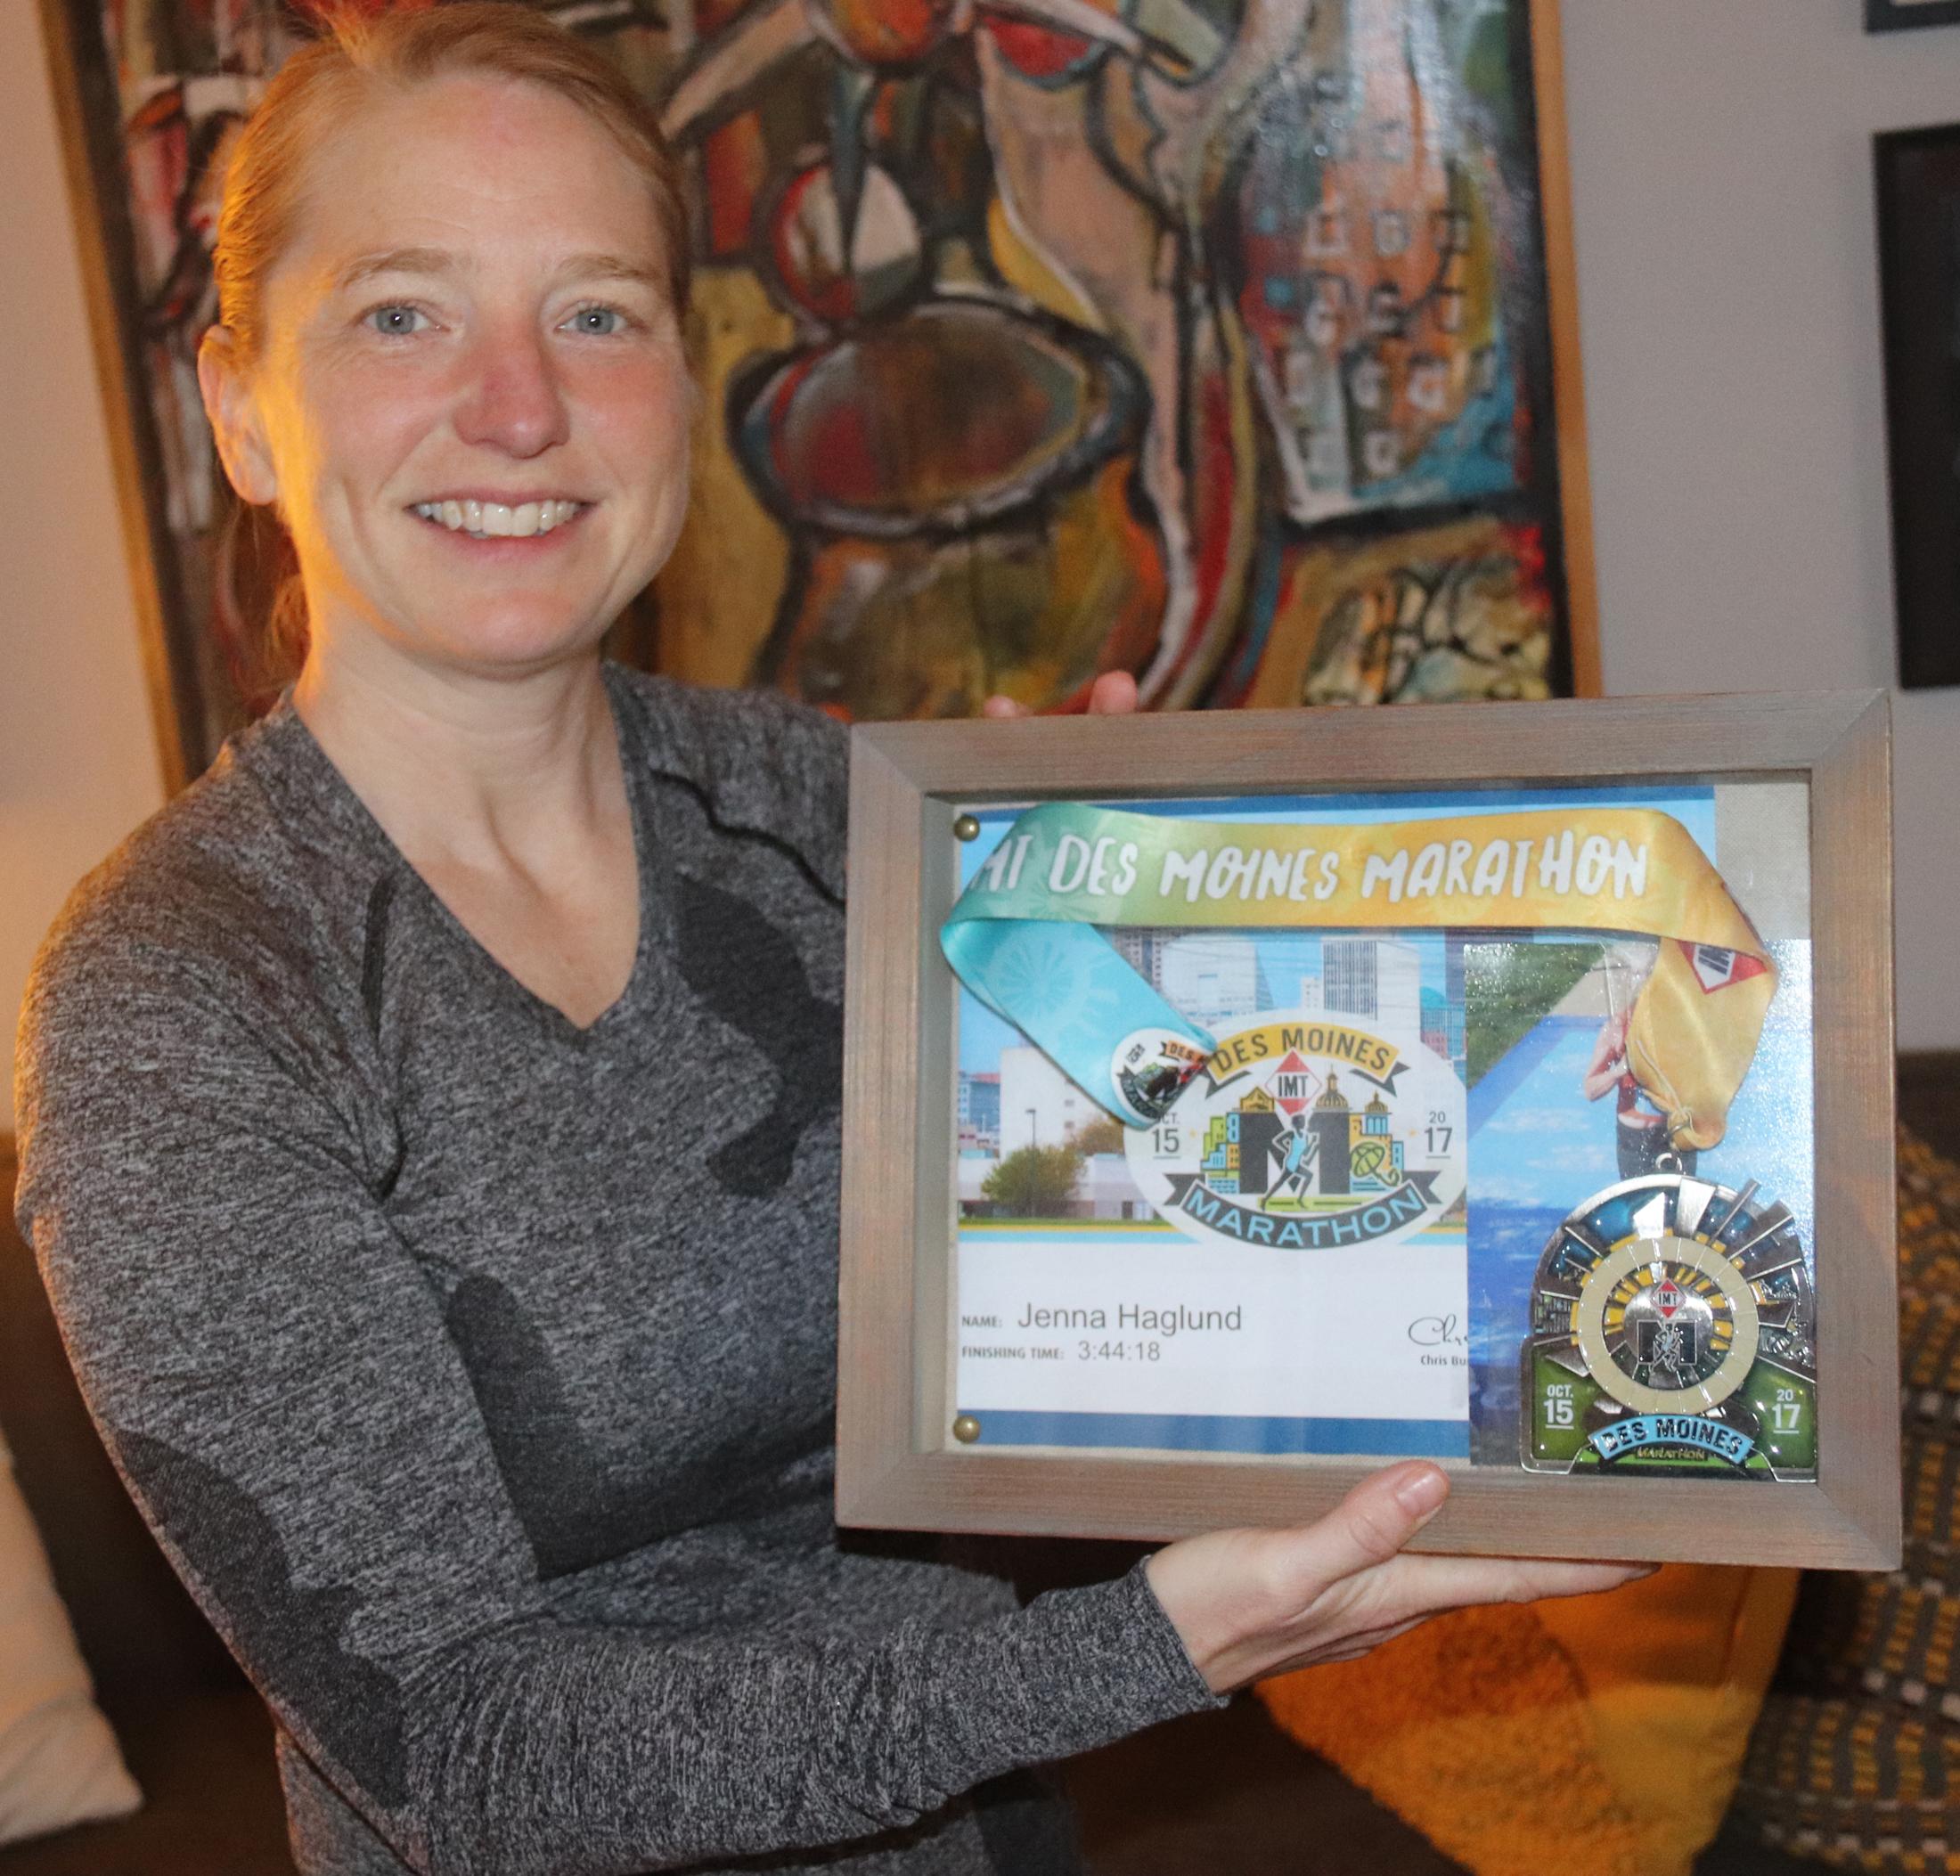 Jenna Haglund to run in Boston Marathon